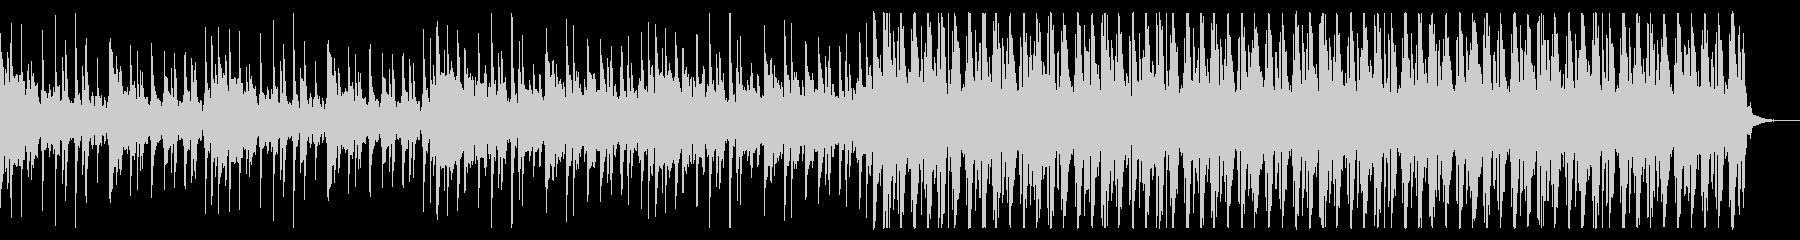 古代遺跡/ジャングル_No664_3の未再生の波形